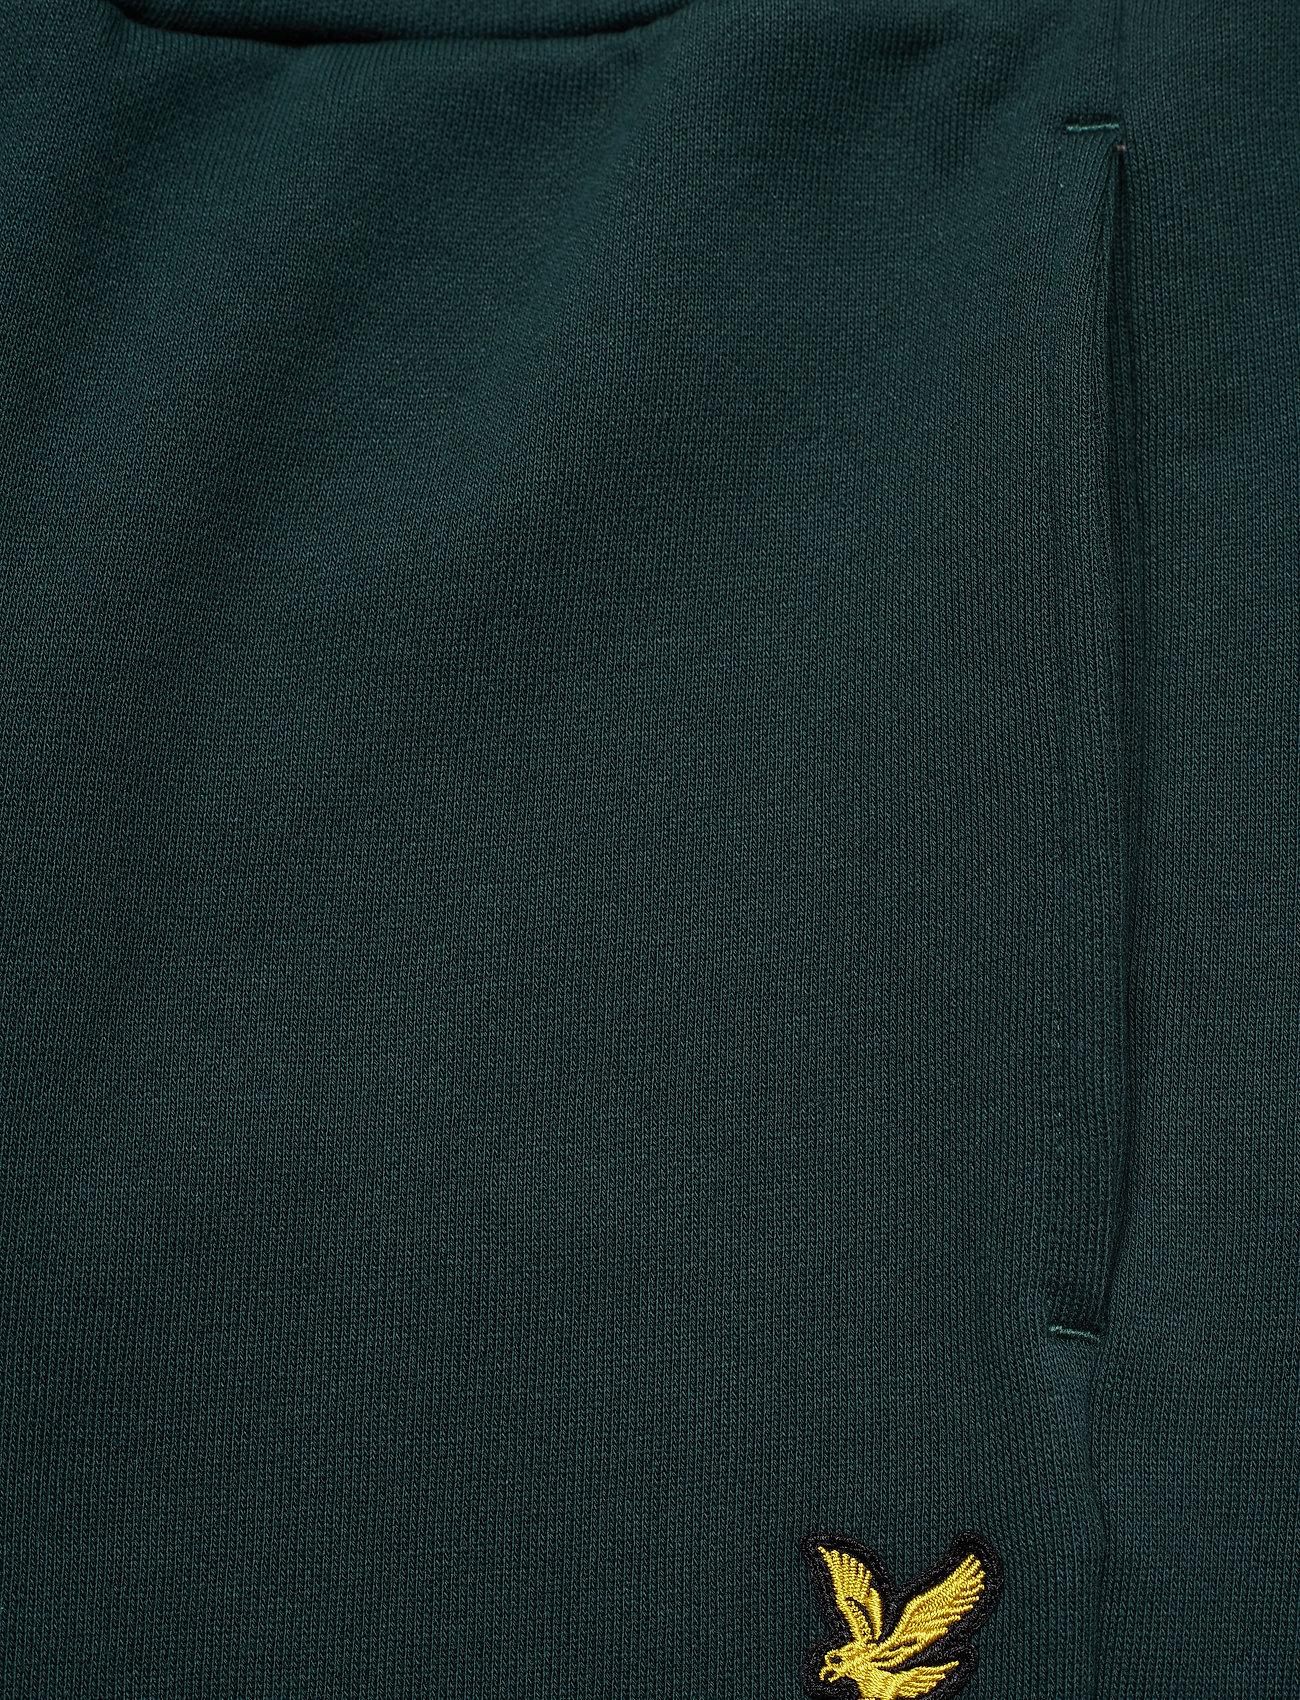 Skinny Scott Sweatpantjade Sweatpantjade GreenLyleamp; Skinny GreenLyleamp; 7Y6fbgy